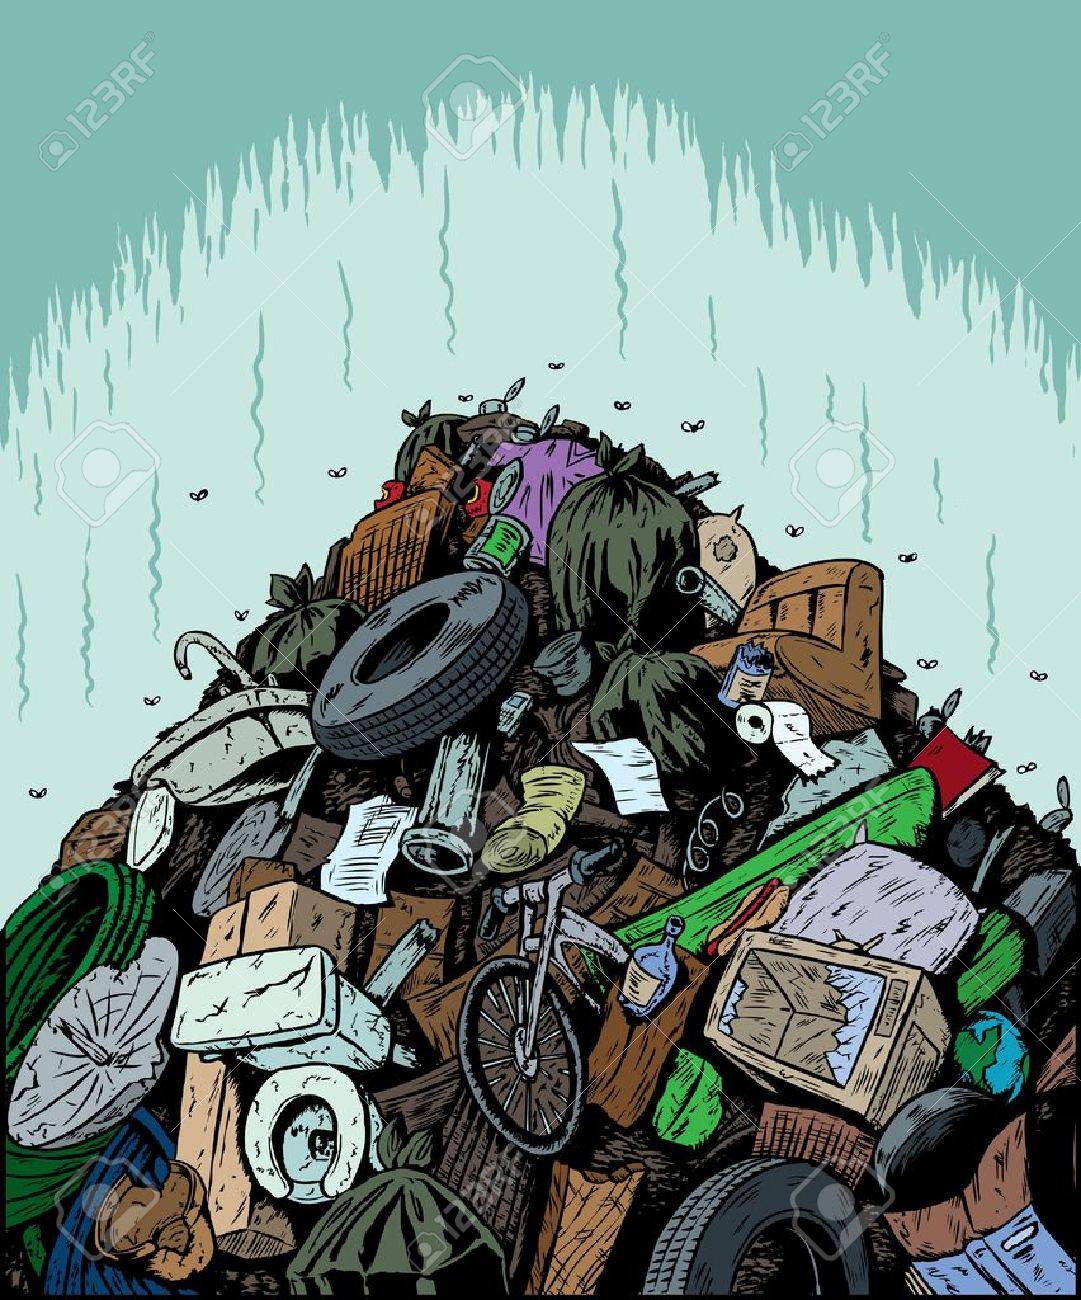 Garbage Dump - 17114870